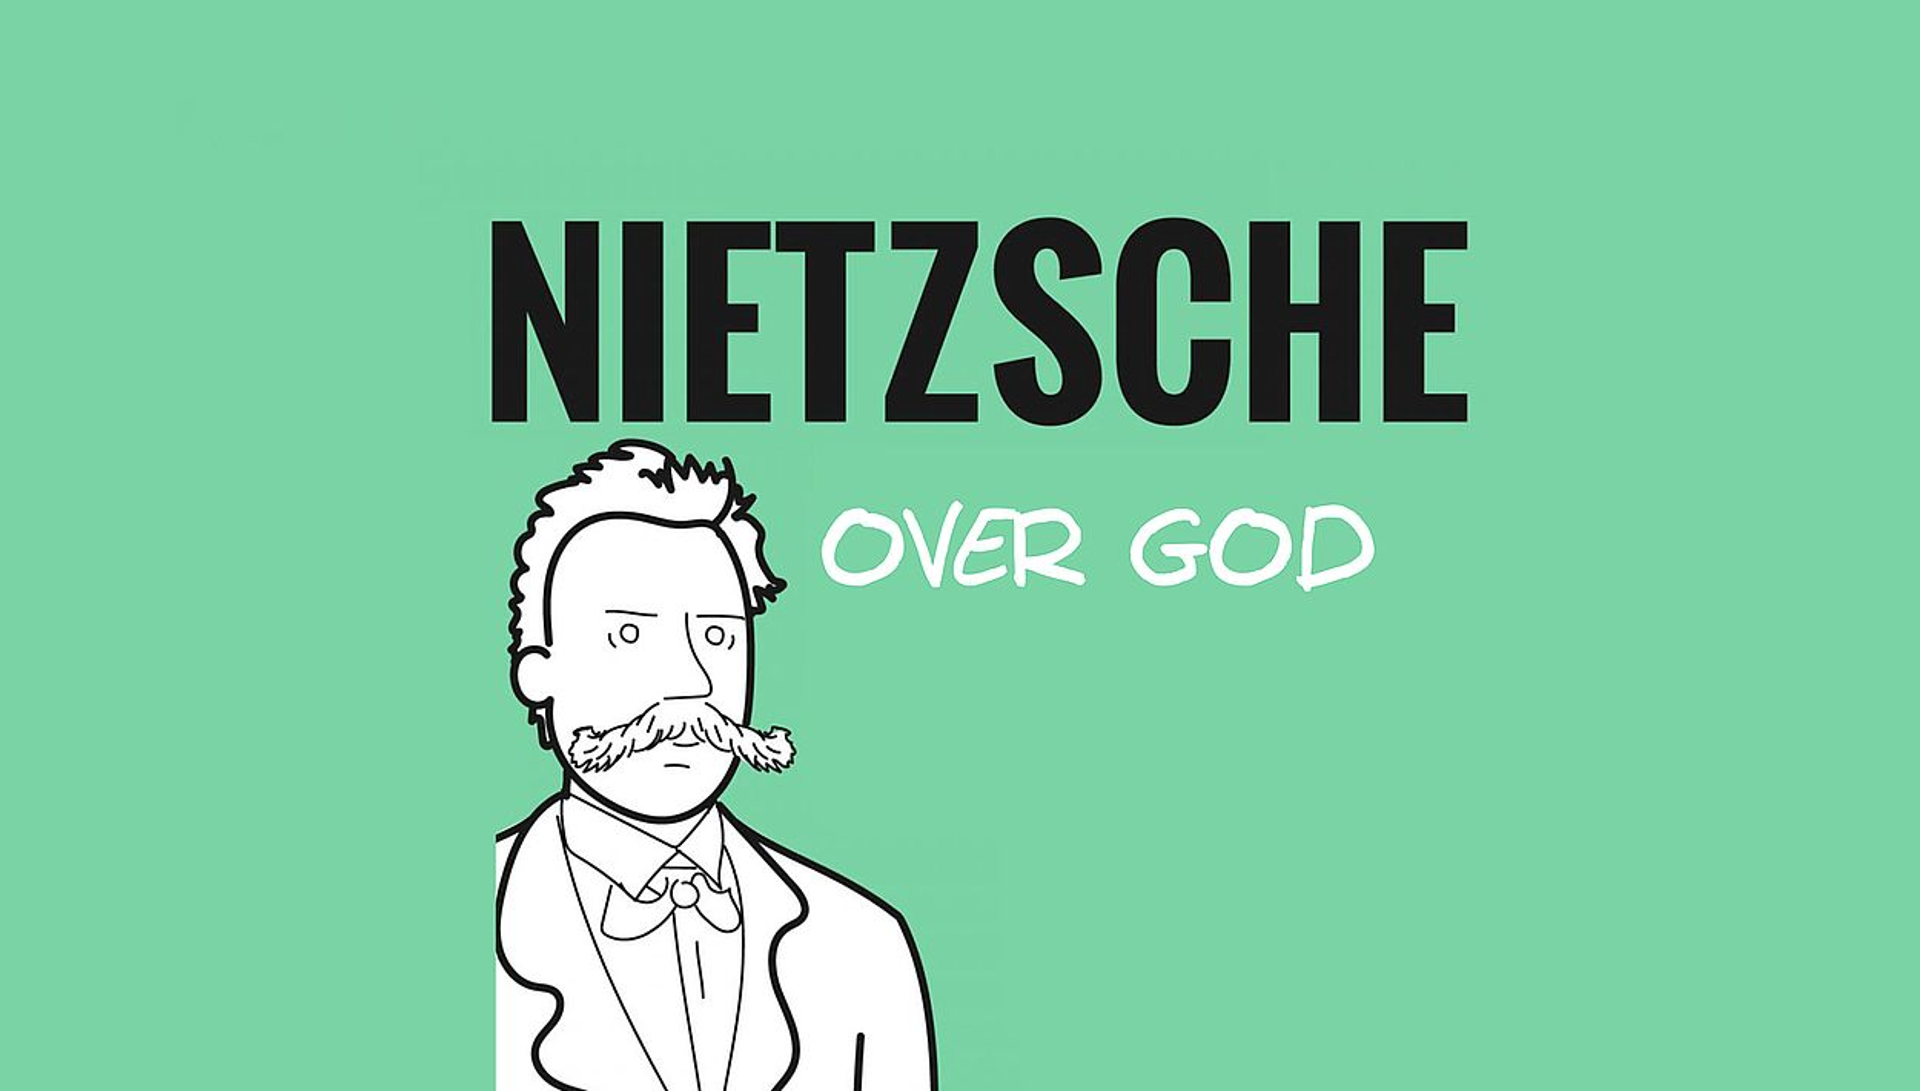 Lees ook: Wat zei Nietzsche over God?